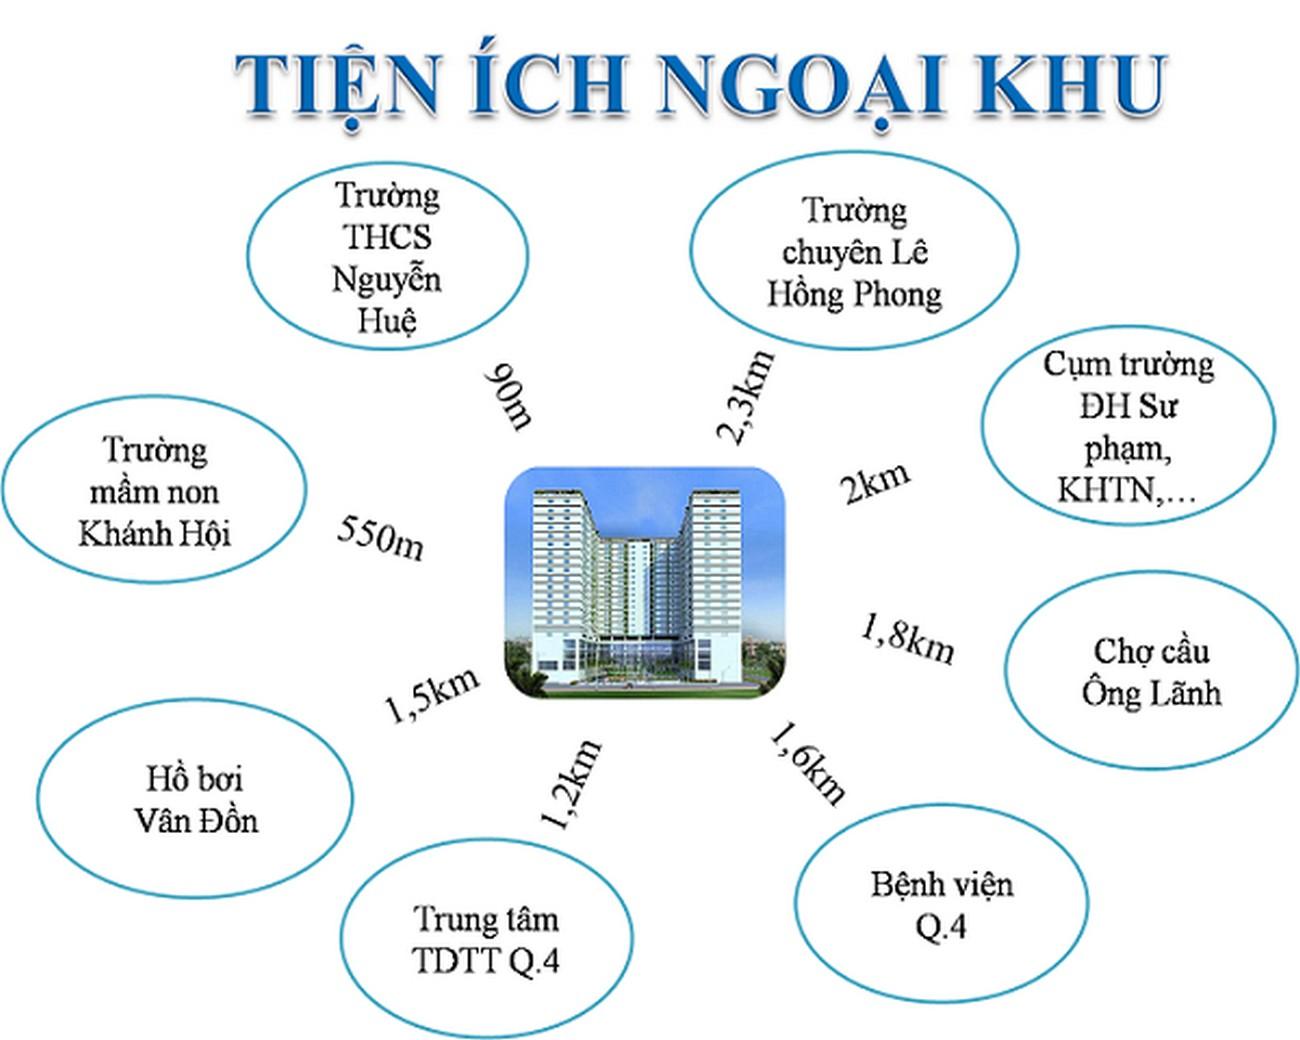 Tiện ích dự án căn hộ chung cư Galaxy 9 Quận 4 Đường Nguyễn Khoái chủ đầu tư Novaland